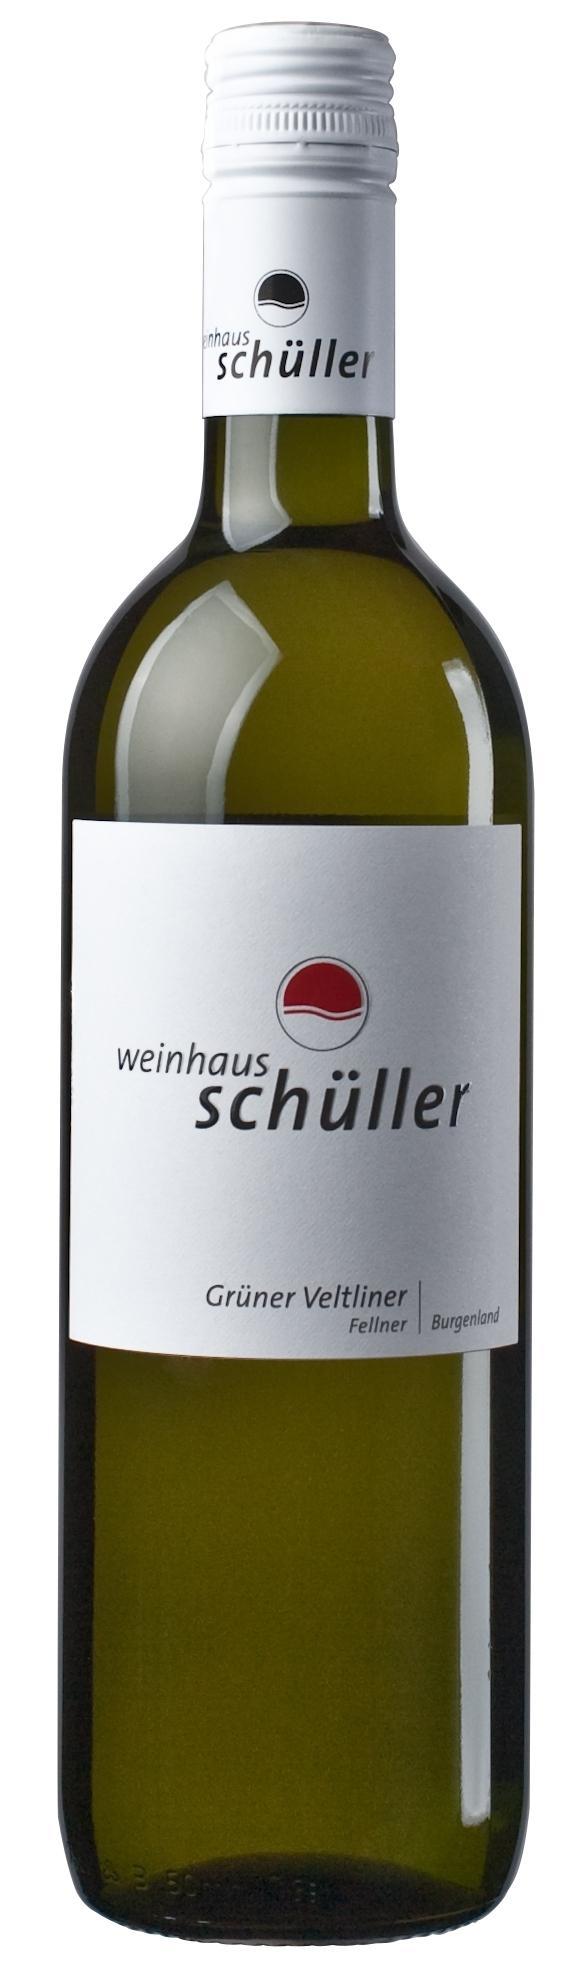 Grüner Veltliner  2020 / Weinhaus Schüller